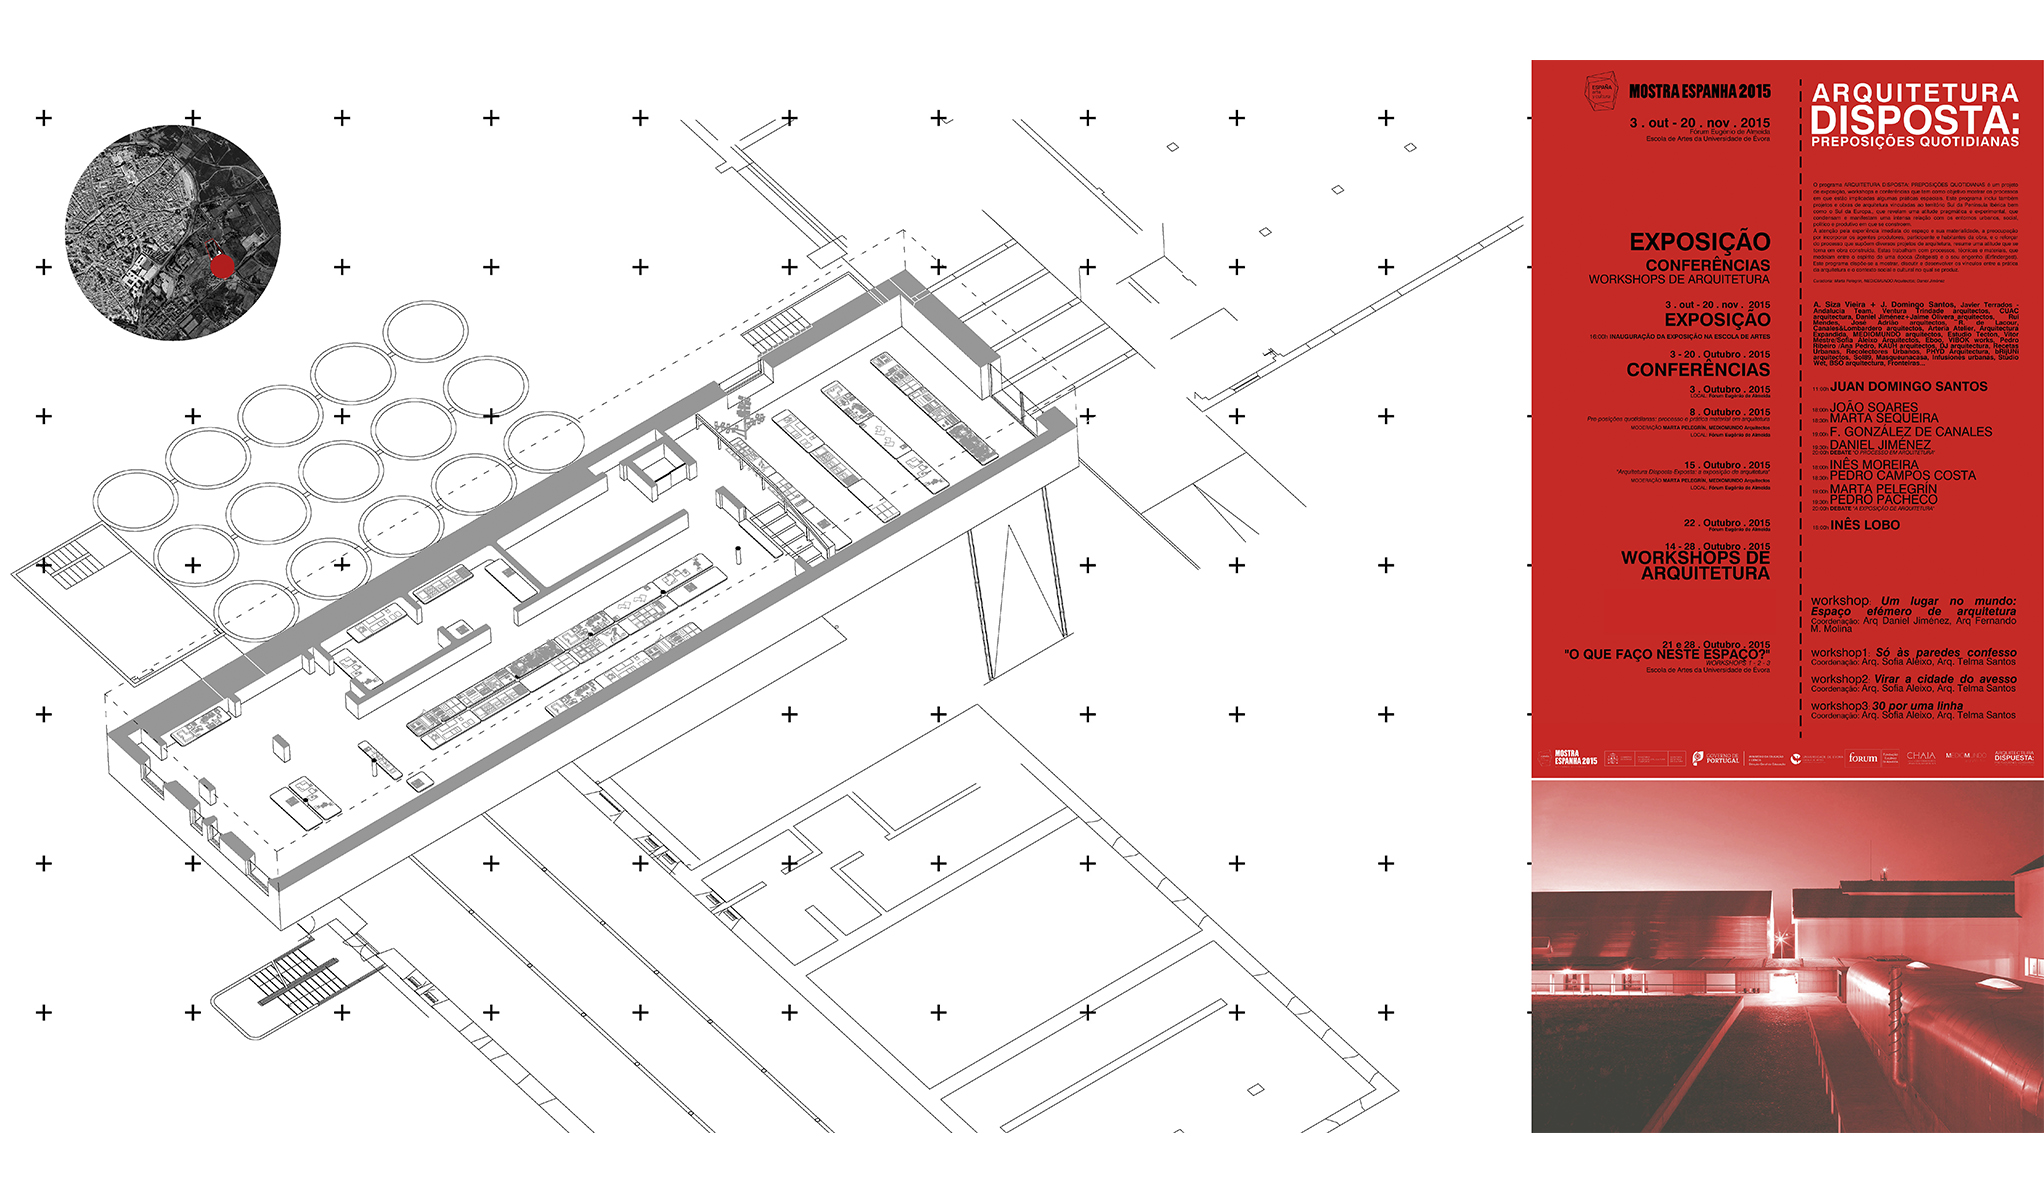 8_mediomundo arq_EVORA_ArquitecturaDispues_AXO